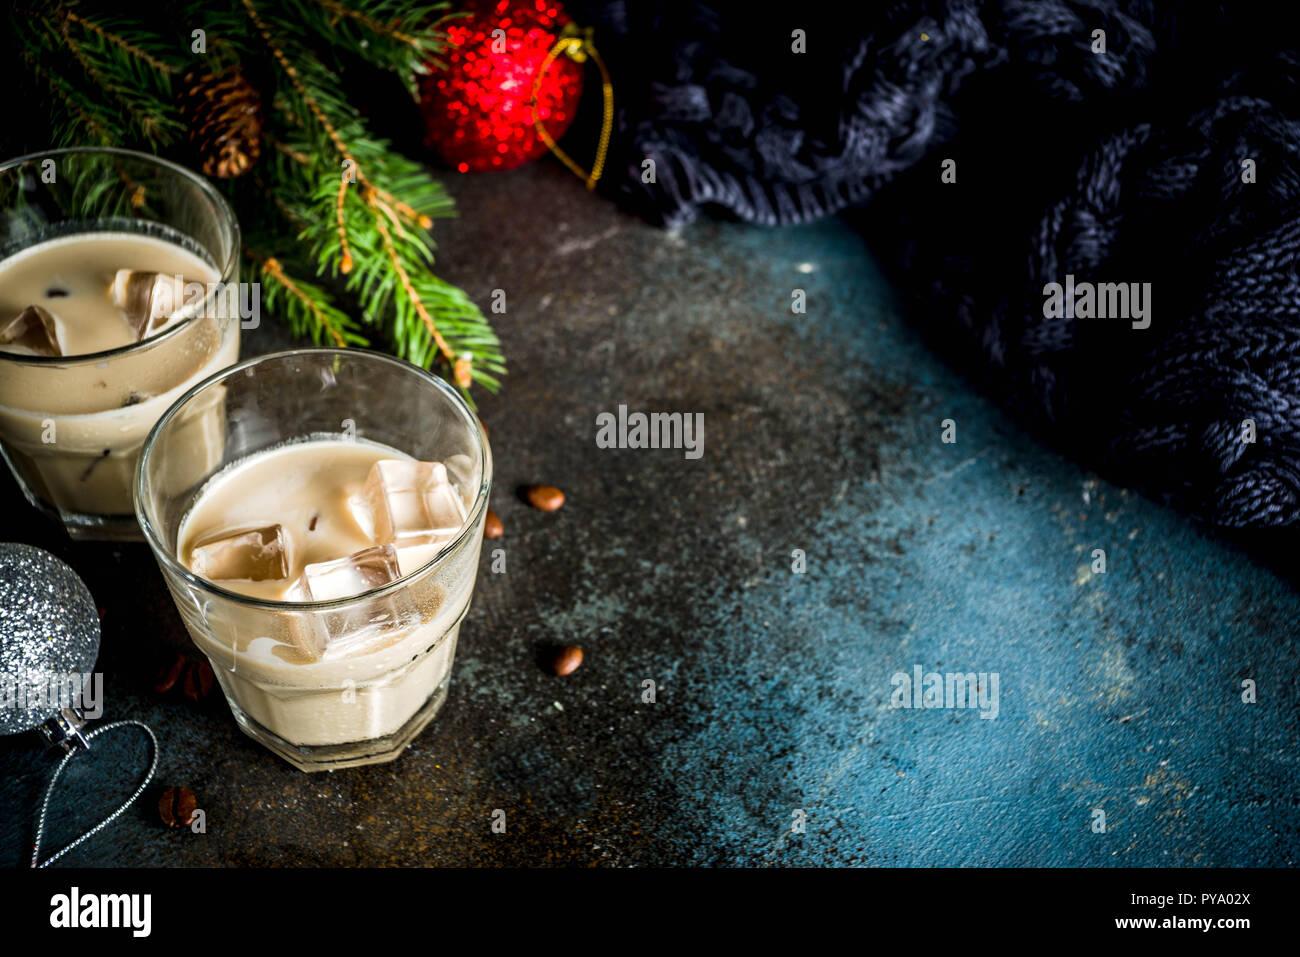 Irish Cream Likör, Cocktail oder traditionellen Winter Weihnachten trinken, dunklen Rusty Hintergrund mit Fir Tree Branches, Kaffeebohnen und Weihnachten Dekoration Stockfoto